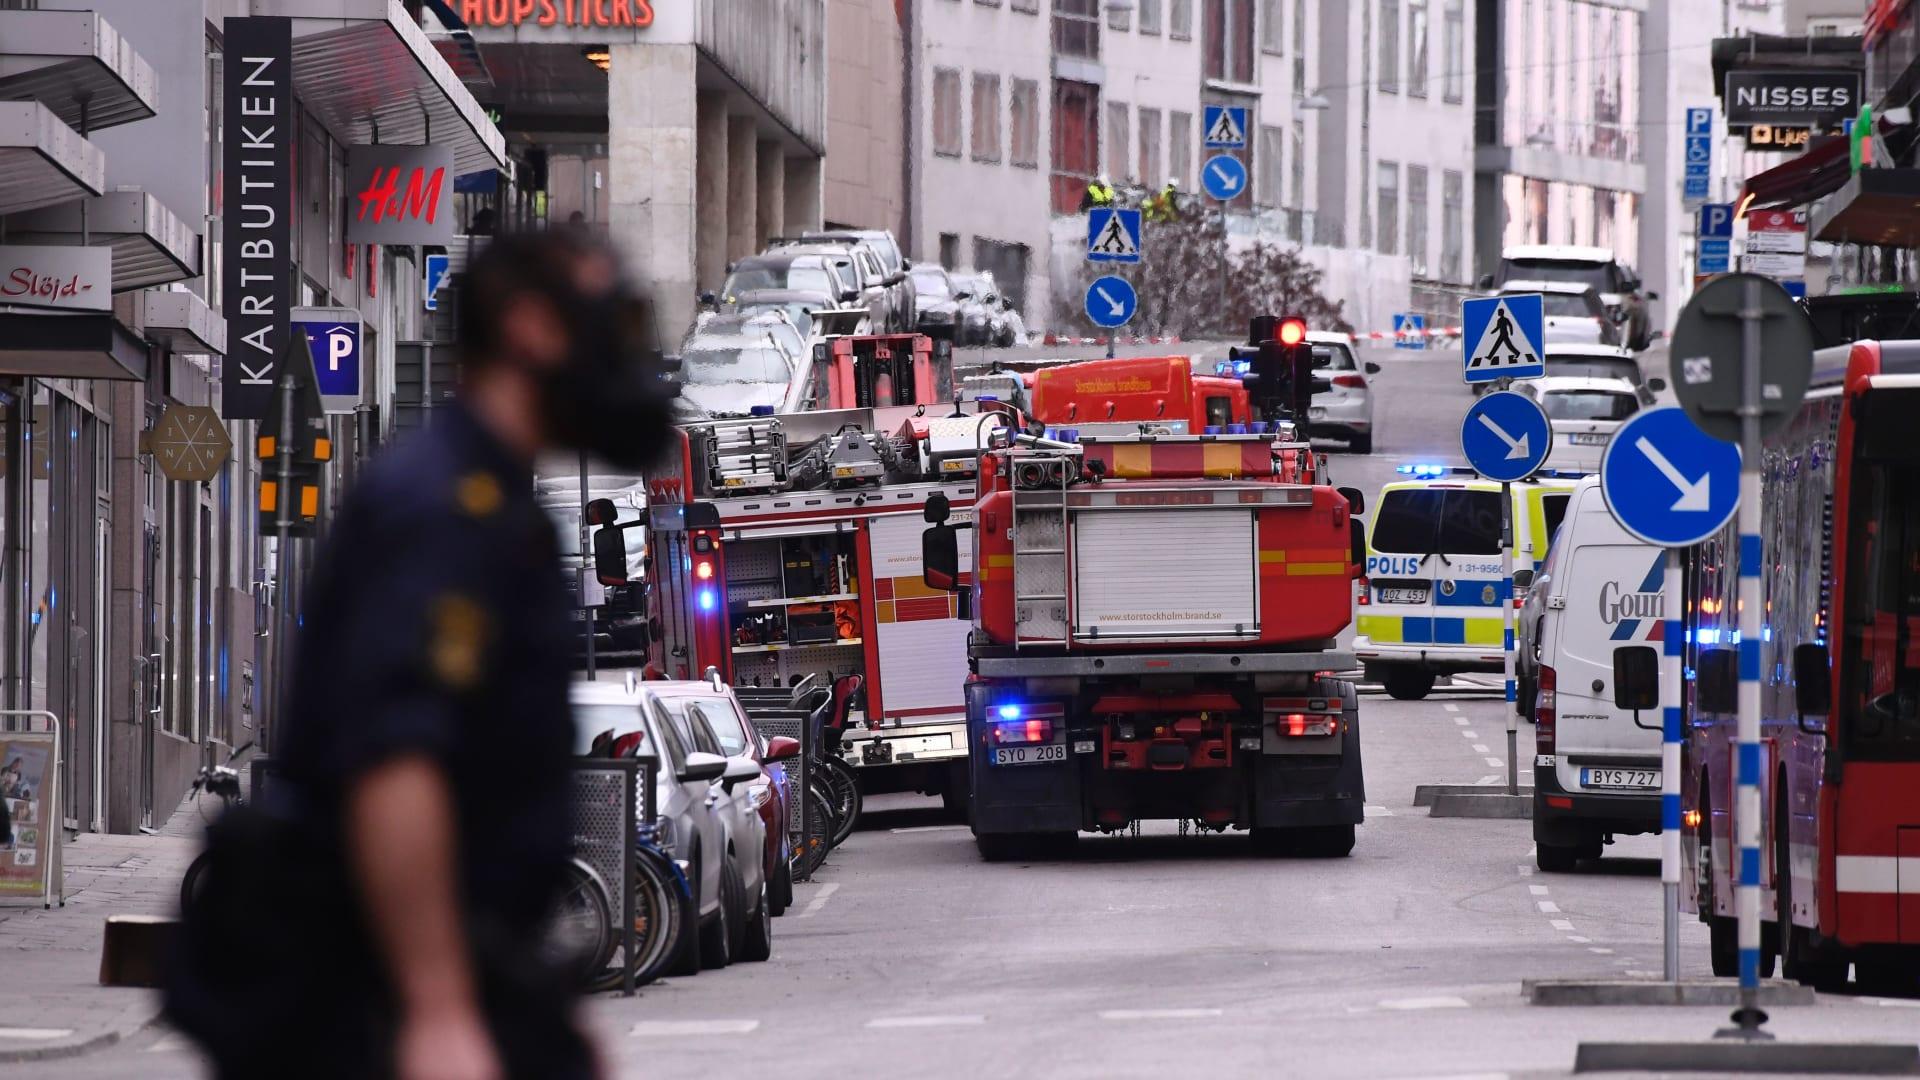 شاهد.. لحظات الذعر بعد هجوم الدهس في ستوكهولم